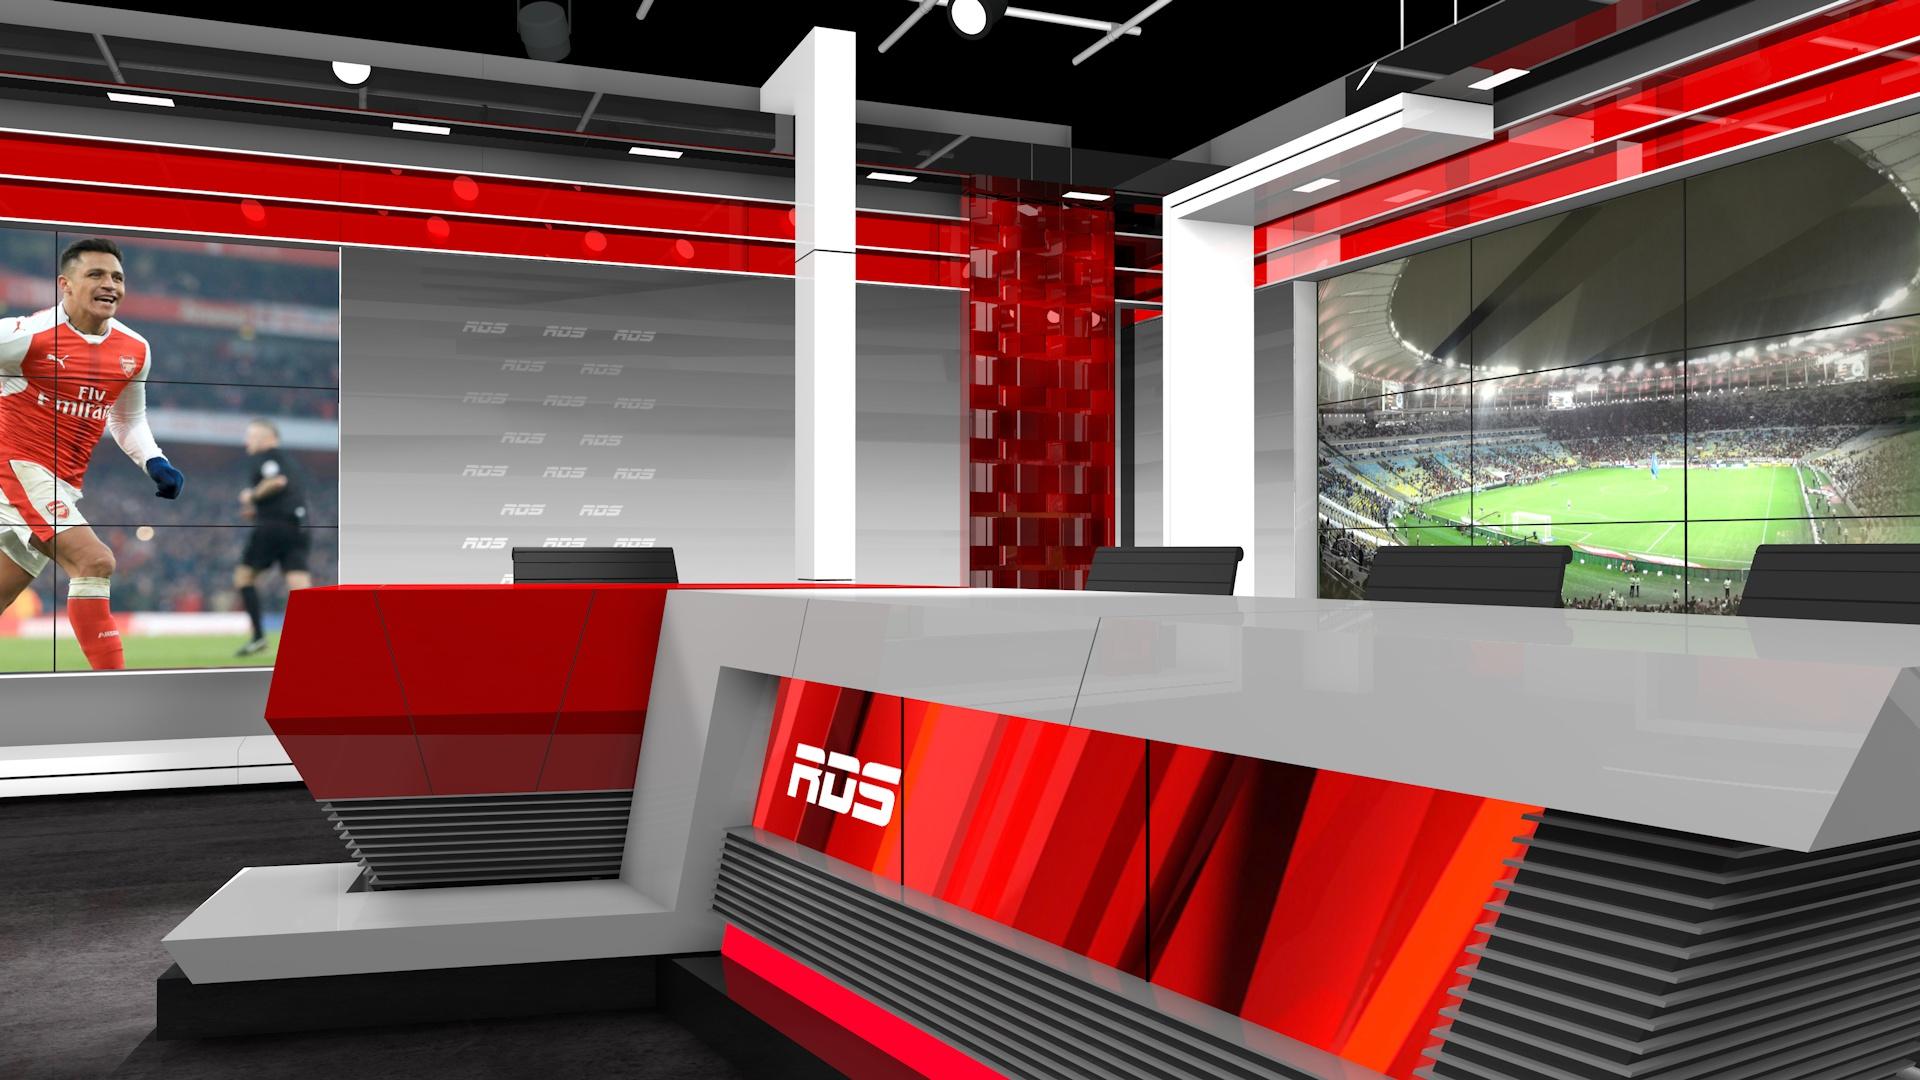 Studio  RDS